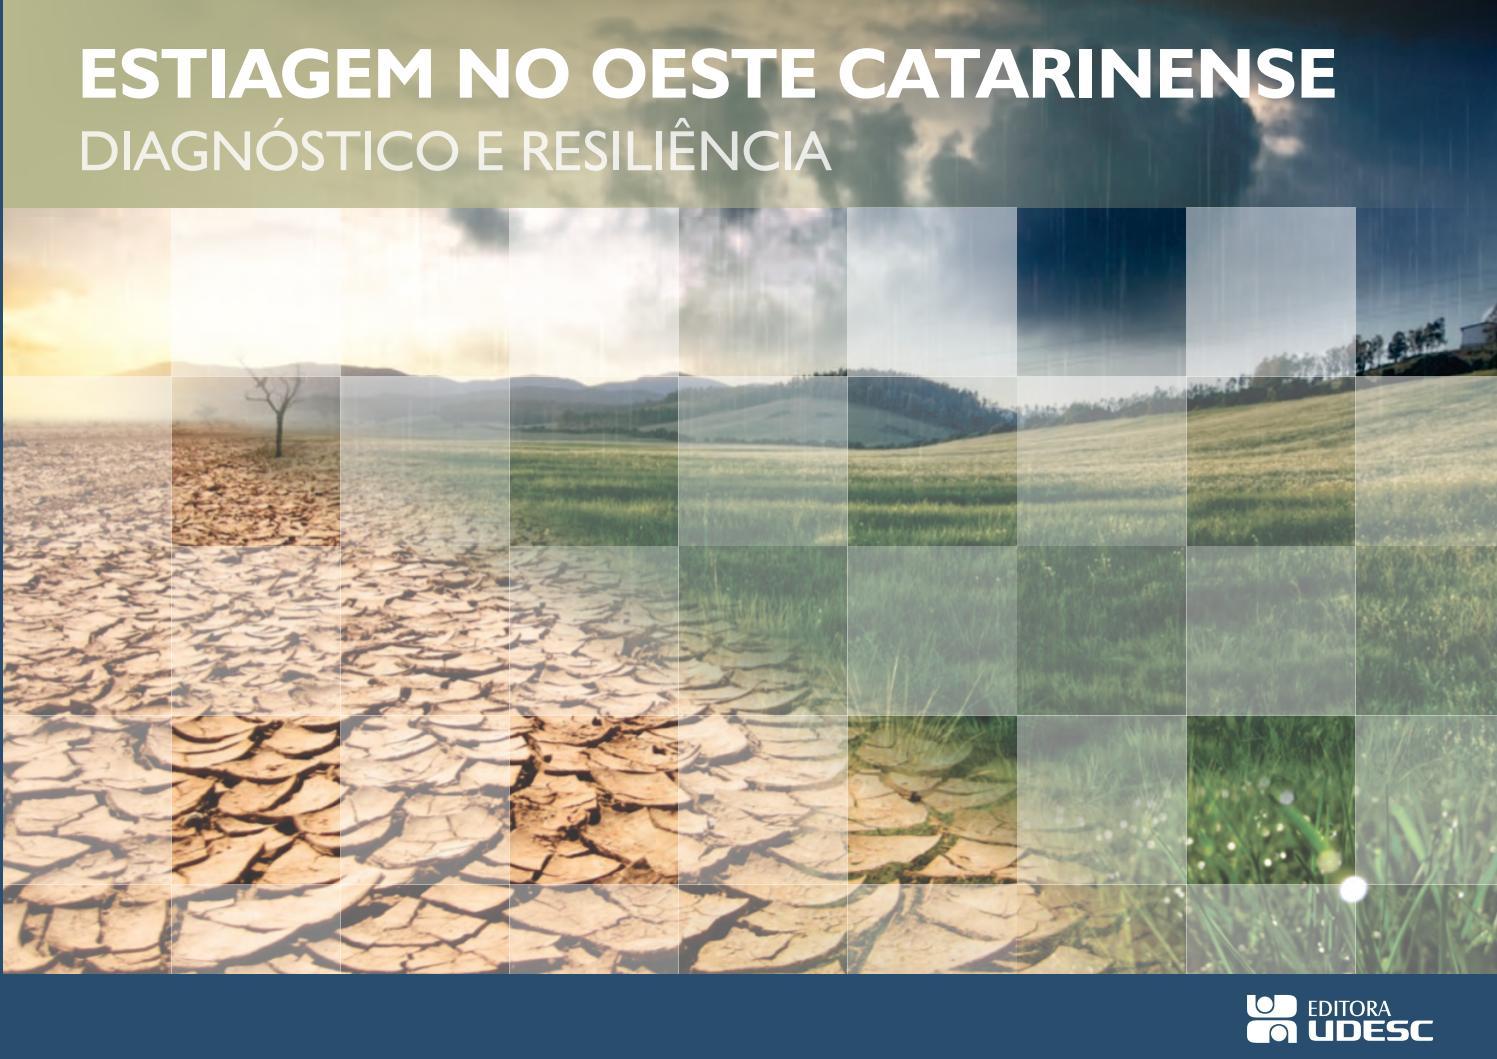 Estiagem no Oeste Catarinense by chico.udesc - issuu 81d37284cc9e